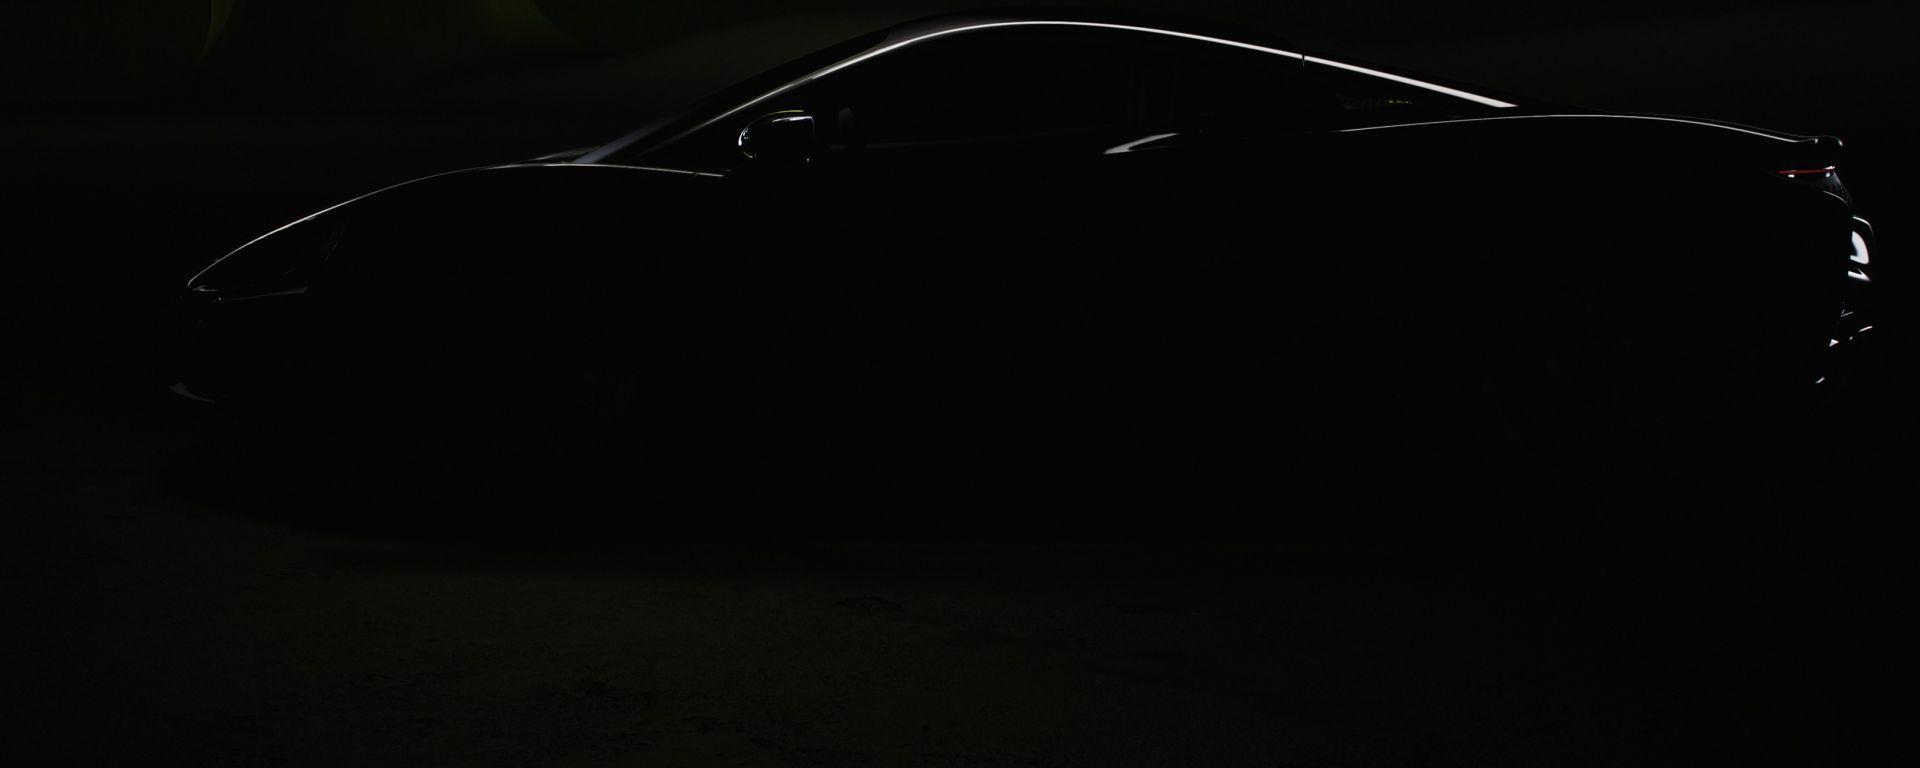 Nuova McLaren Artura Hybrid: il teaser anticipa la presentazione